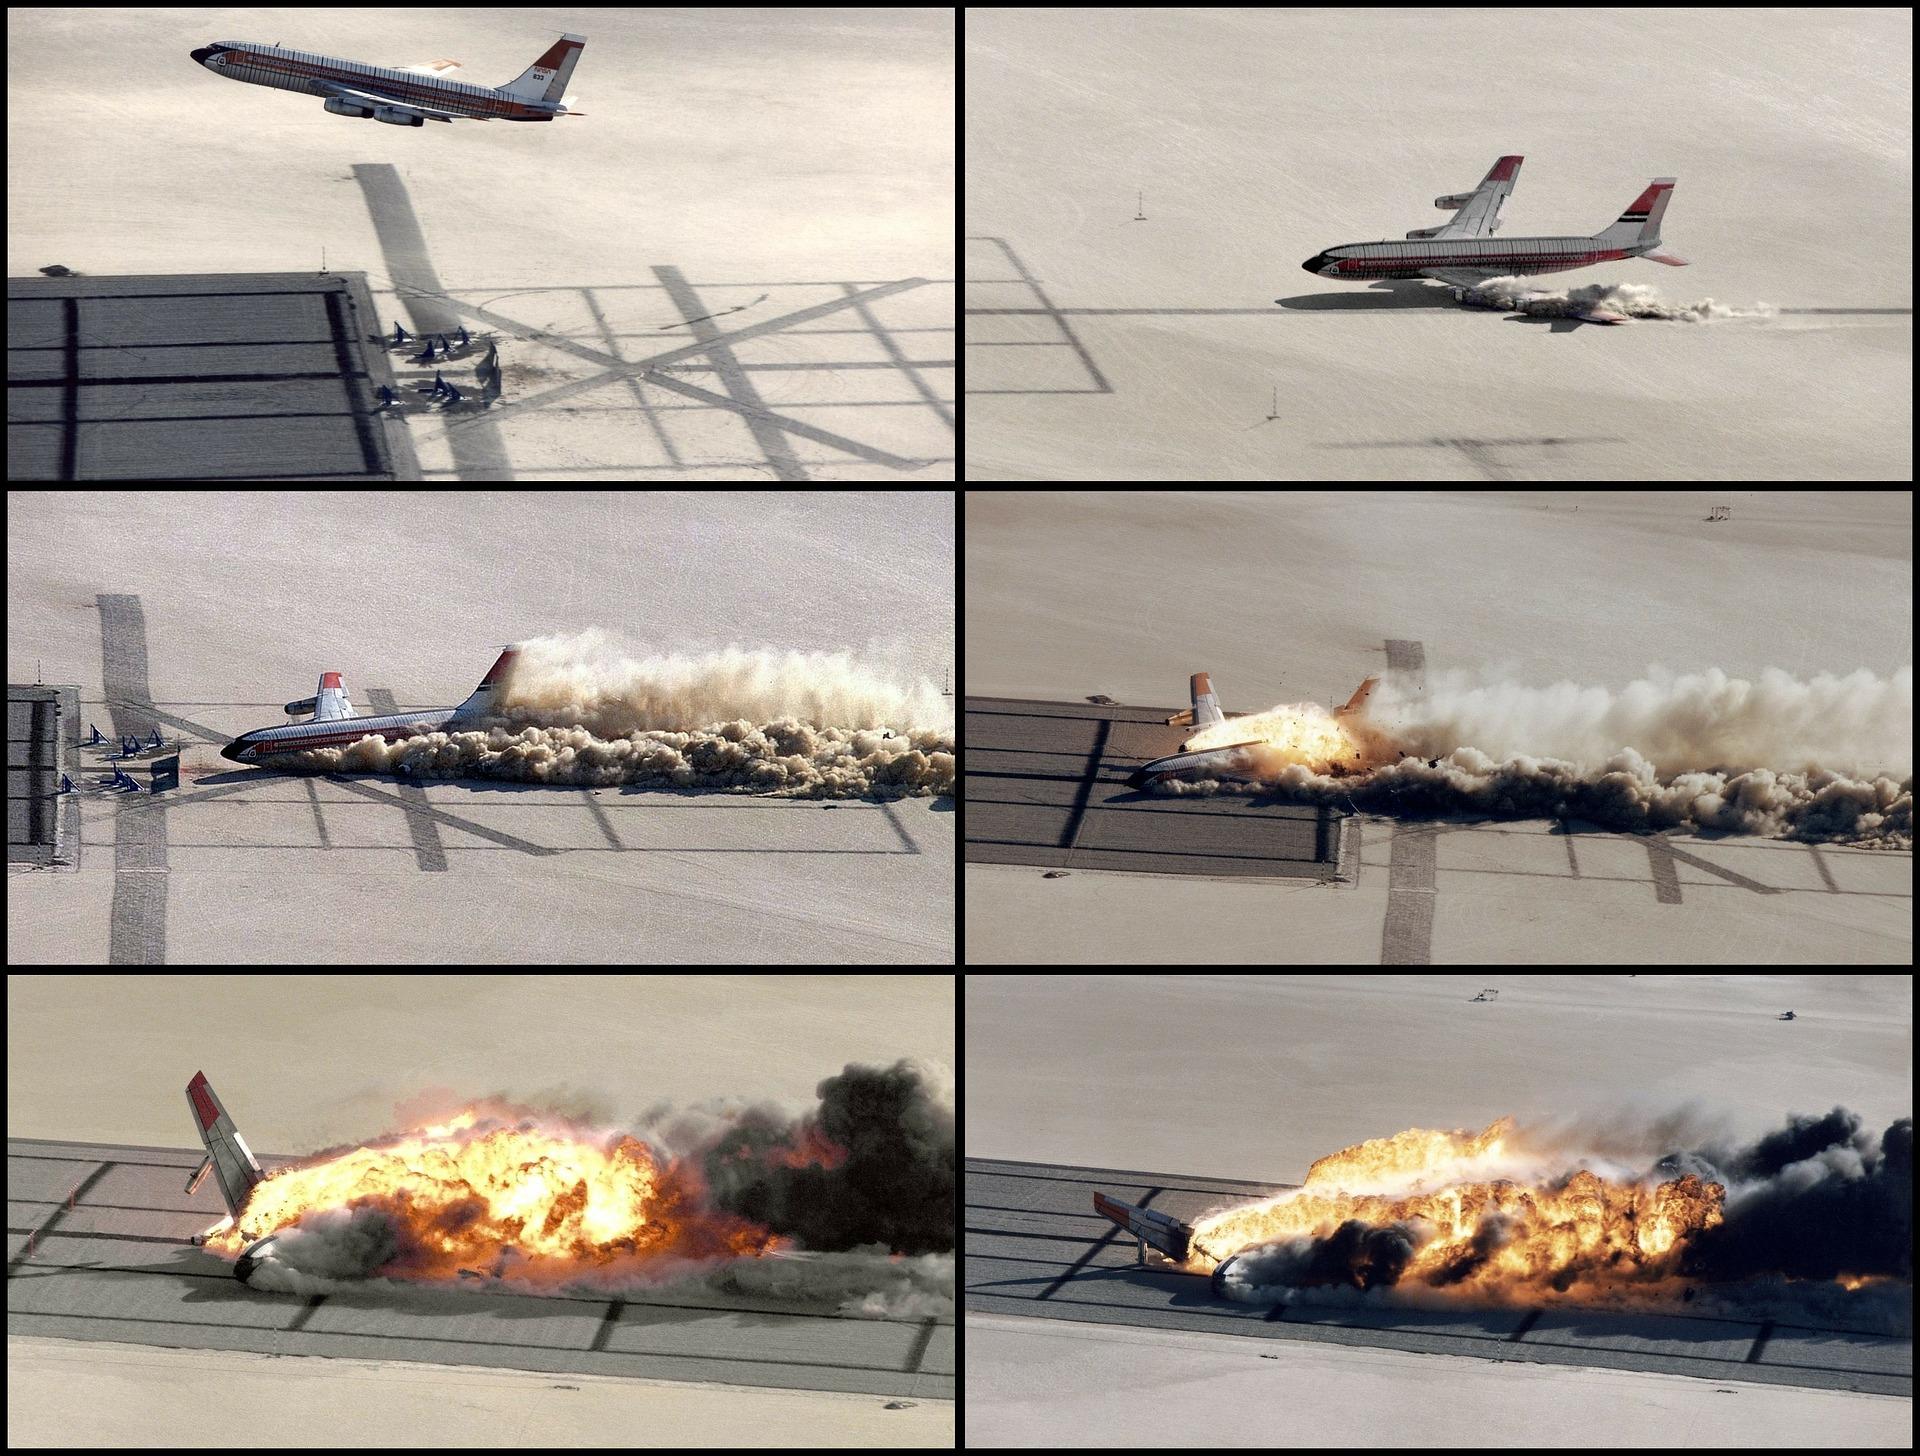 שלבי התרסקות מטוס בשדה תעופה